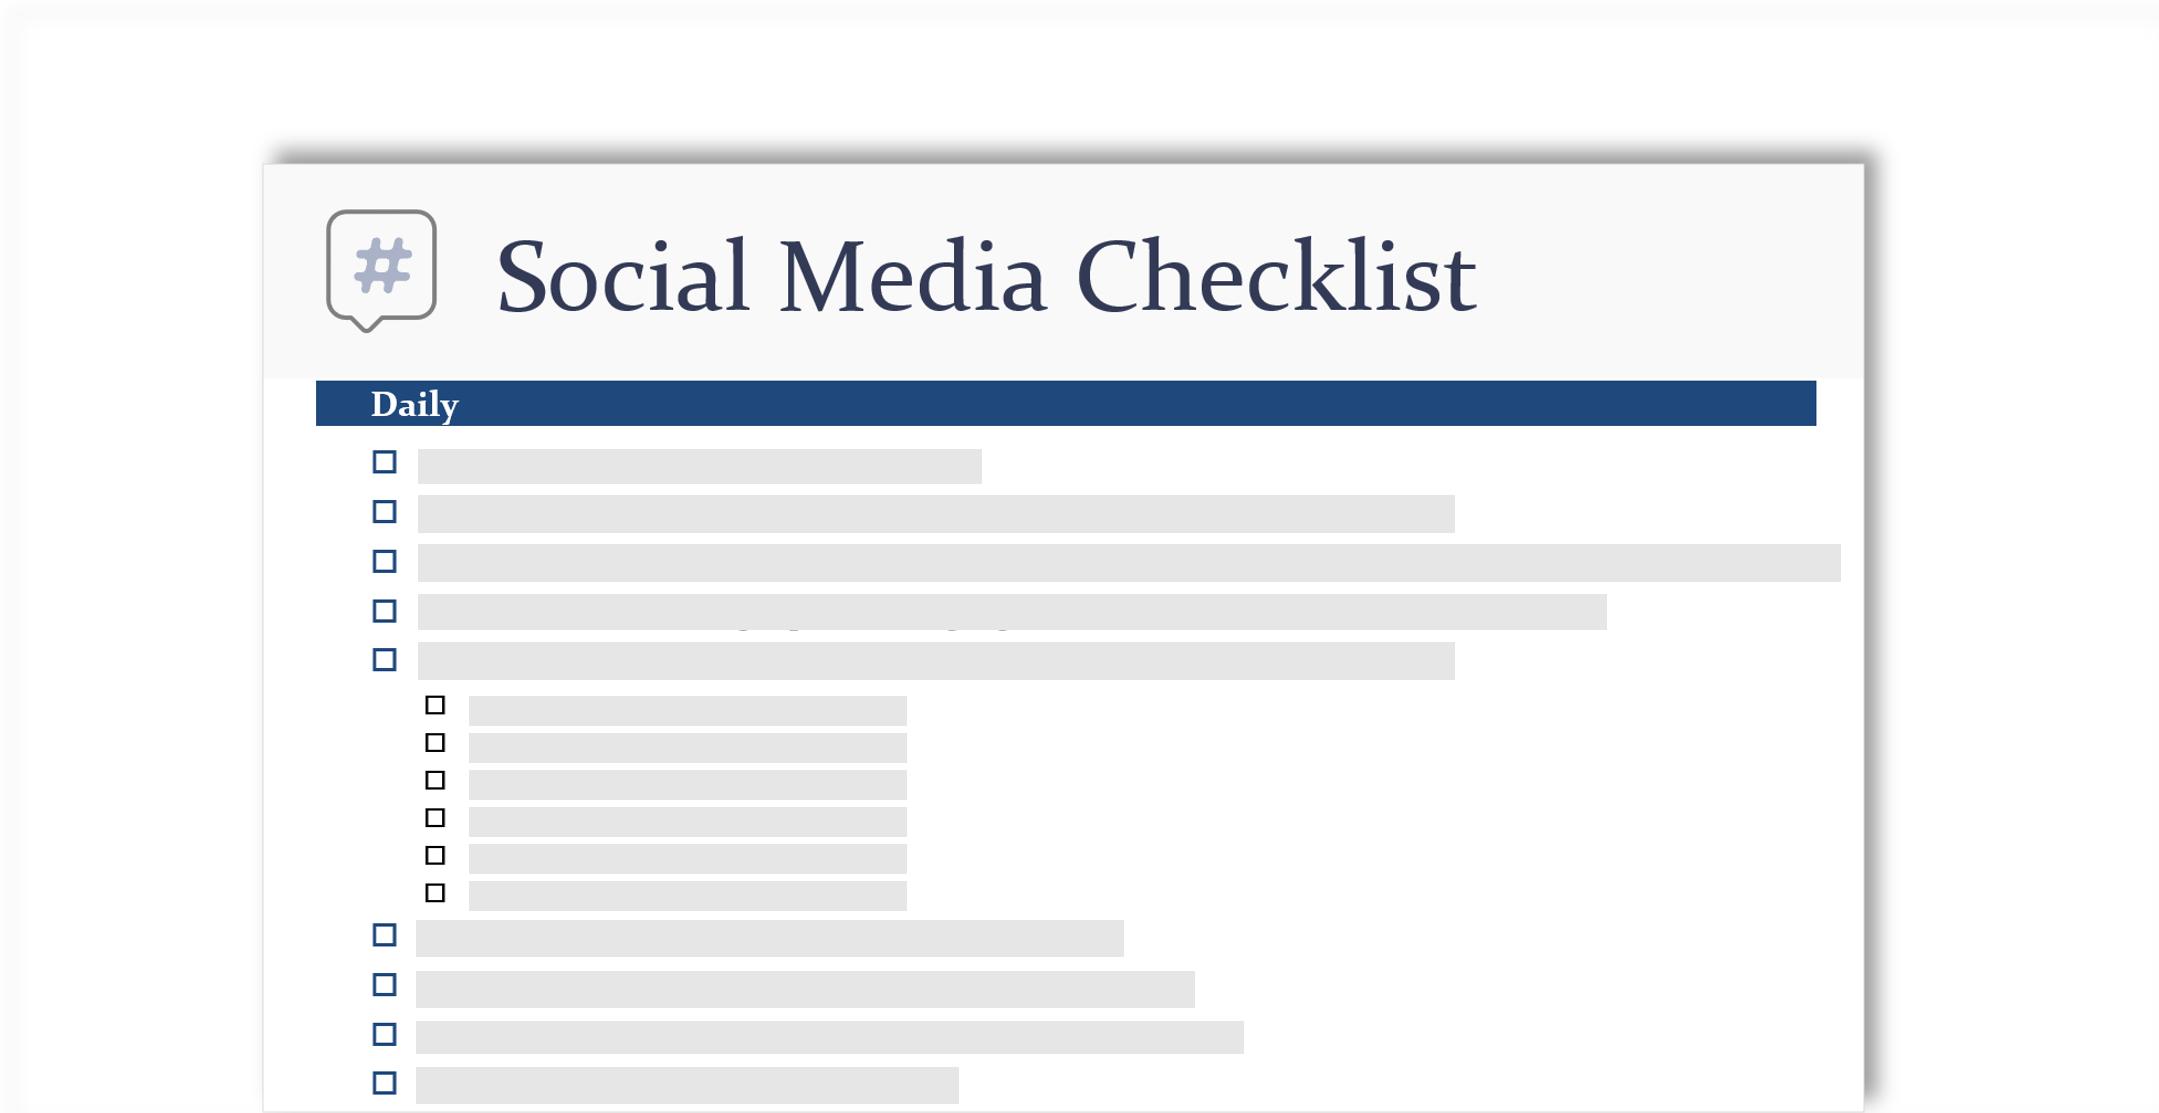 Εννοιολογική εικόνα μιας λίστας ελέγχου μέσα κοινωνικής δικτύωσης